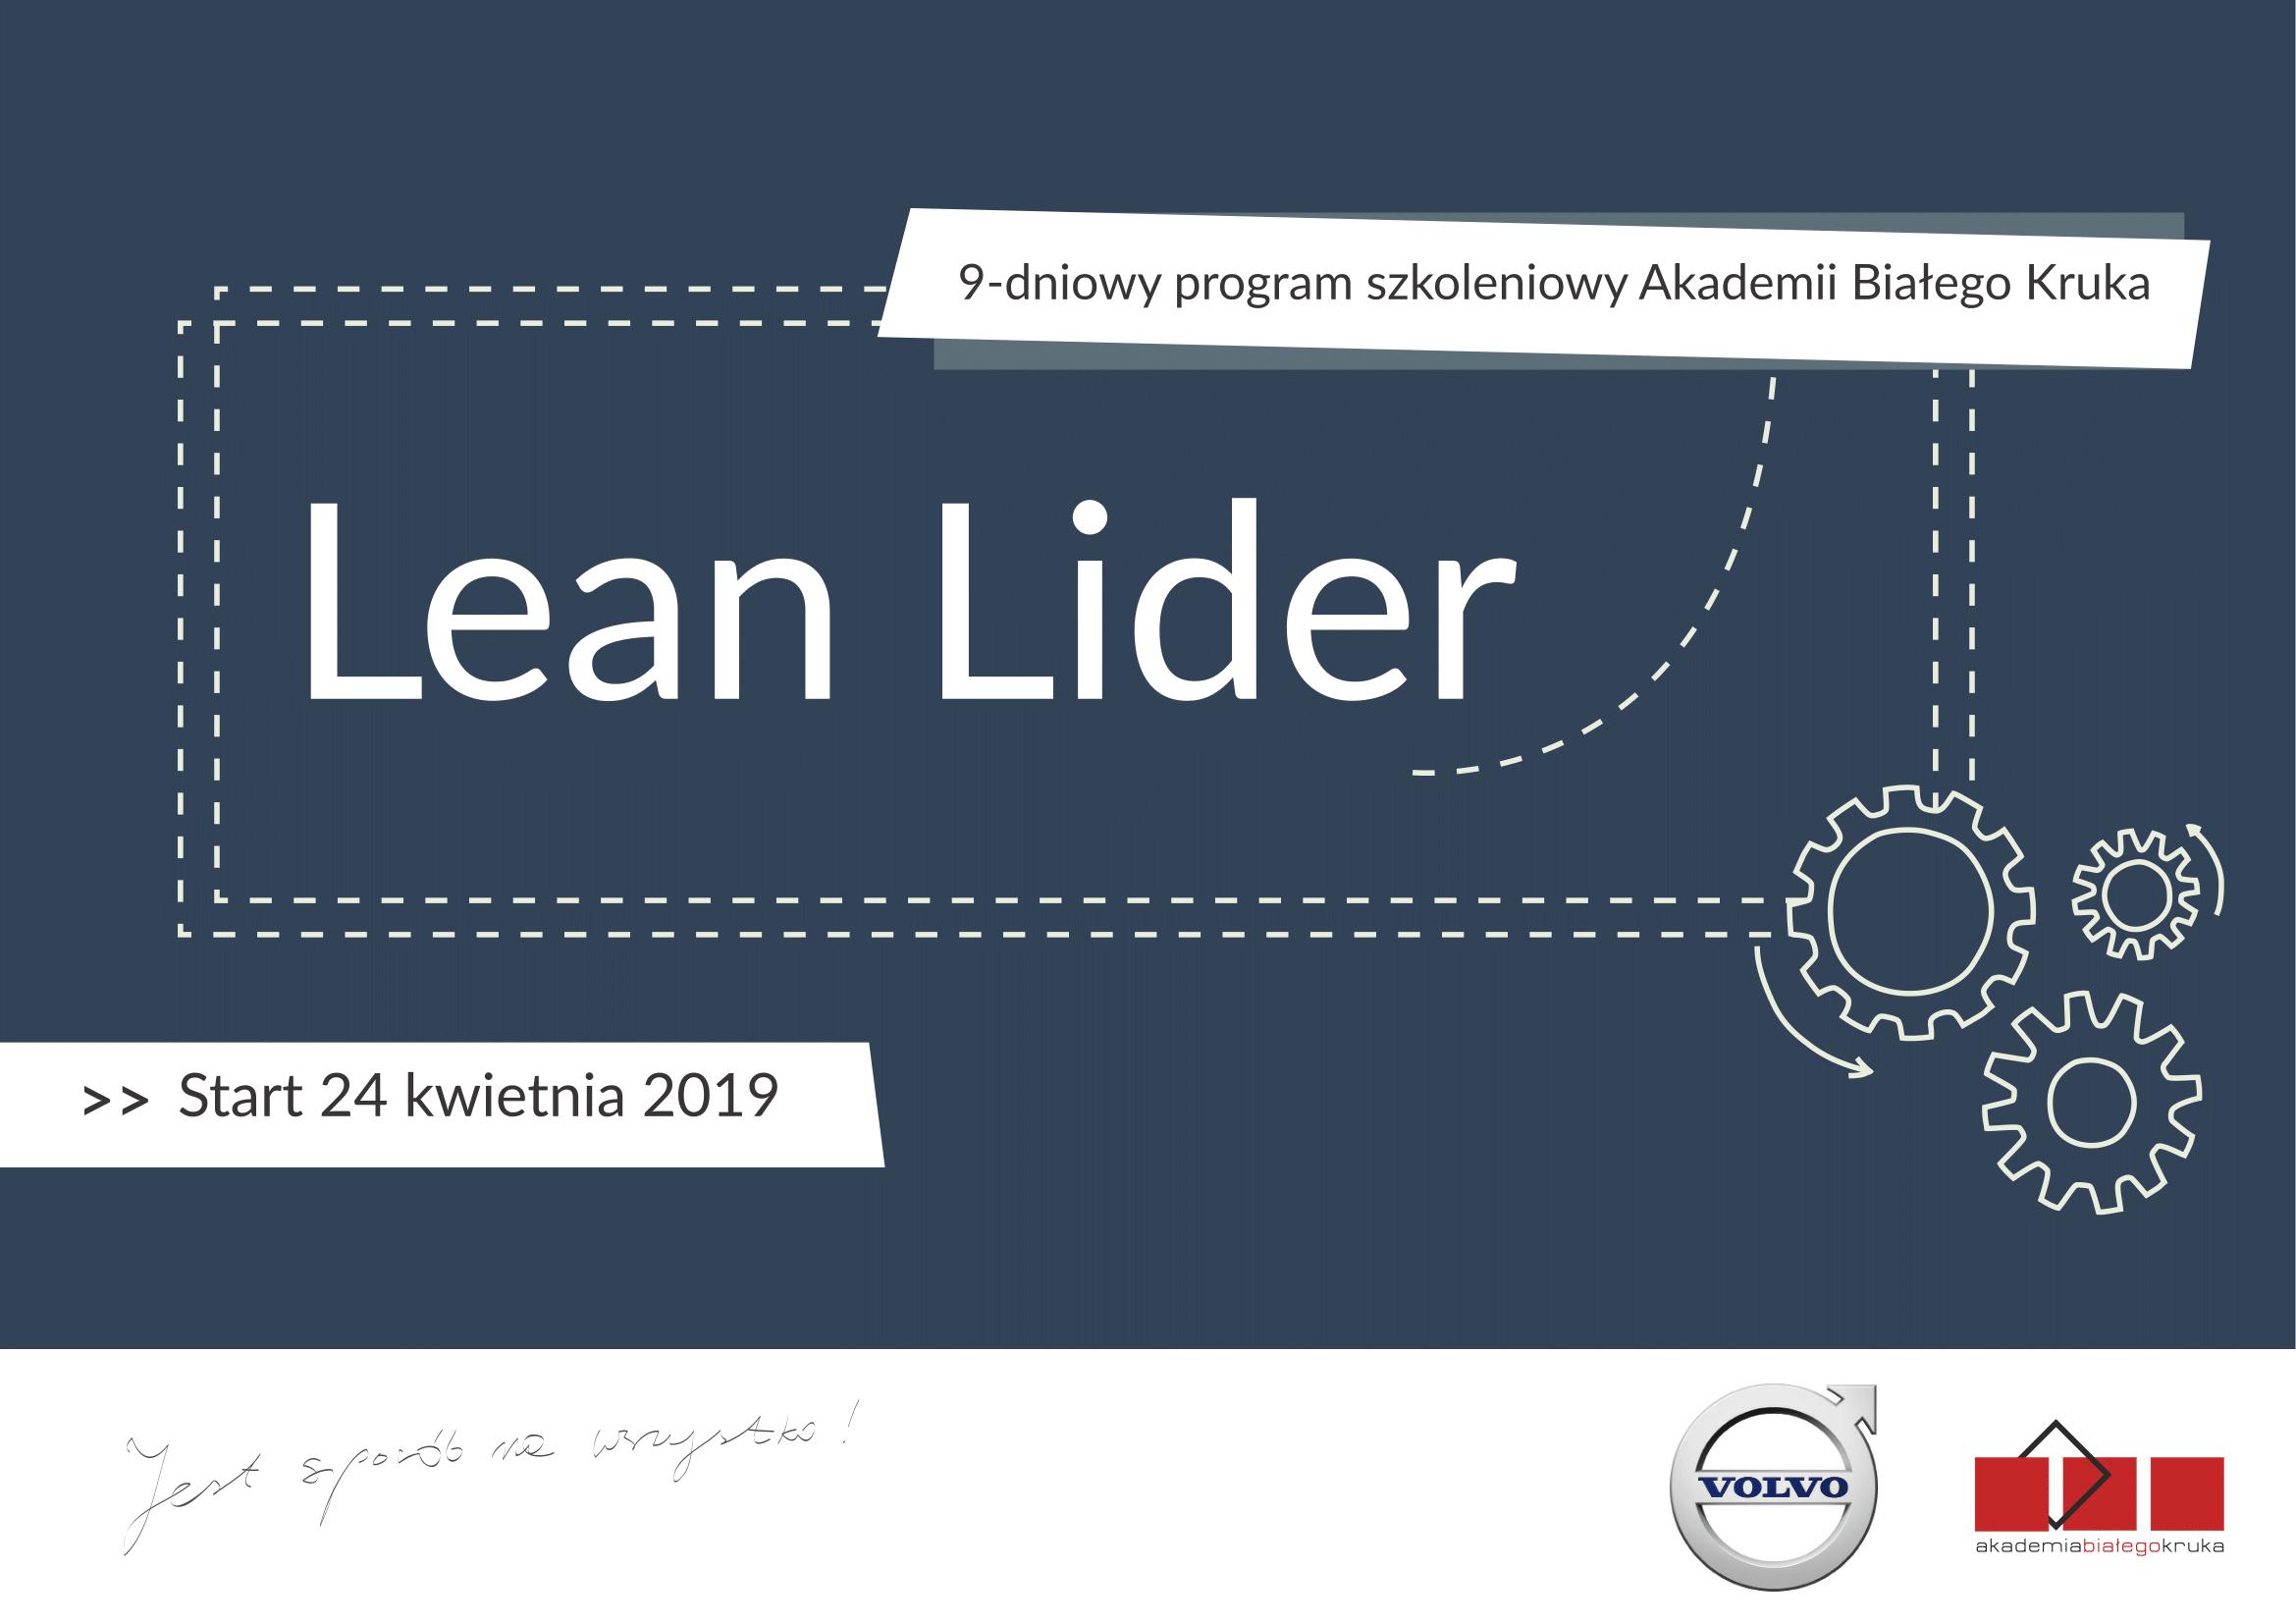 Lean Lider w ABK